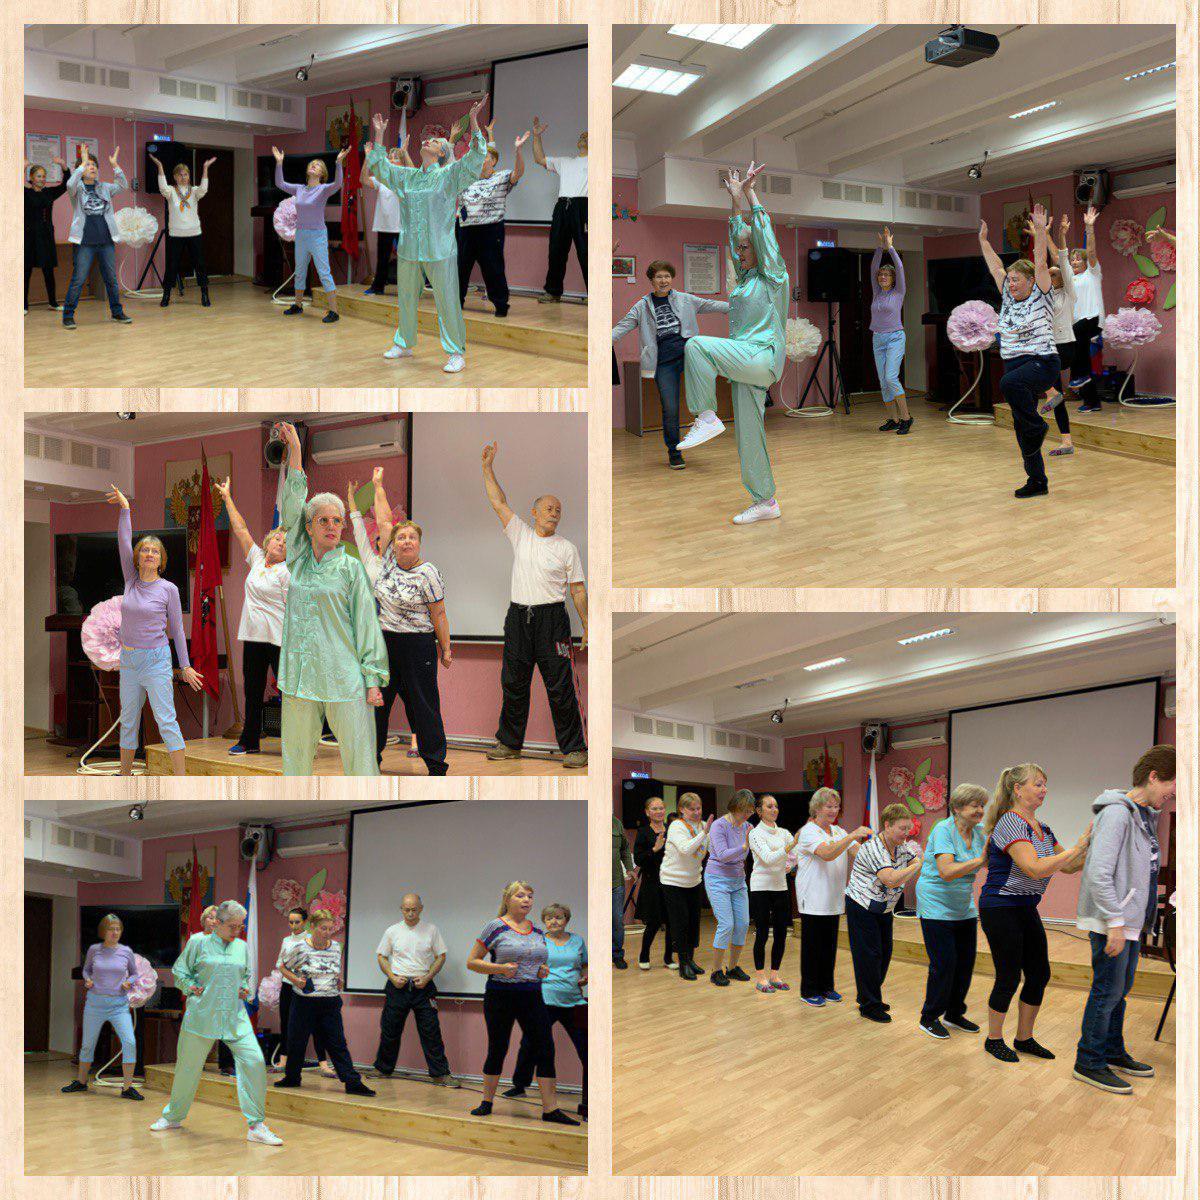 Мастер-класс по цигун состоялся в центре соцобслуживания Выхина-Жулебина